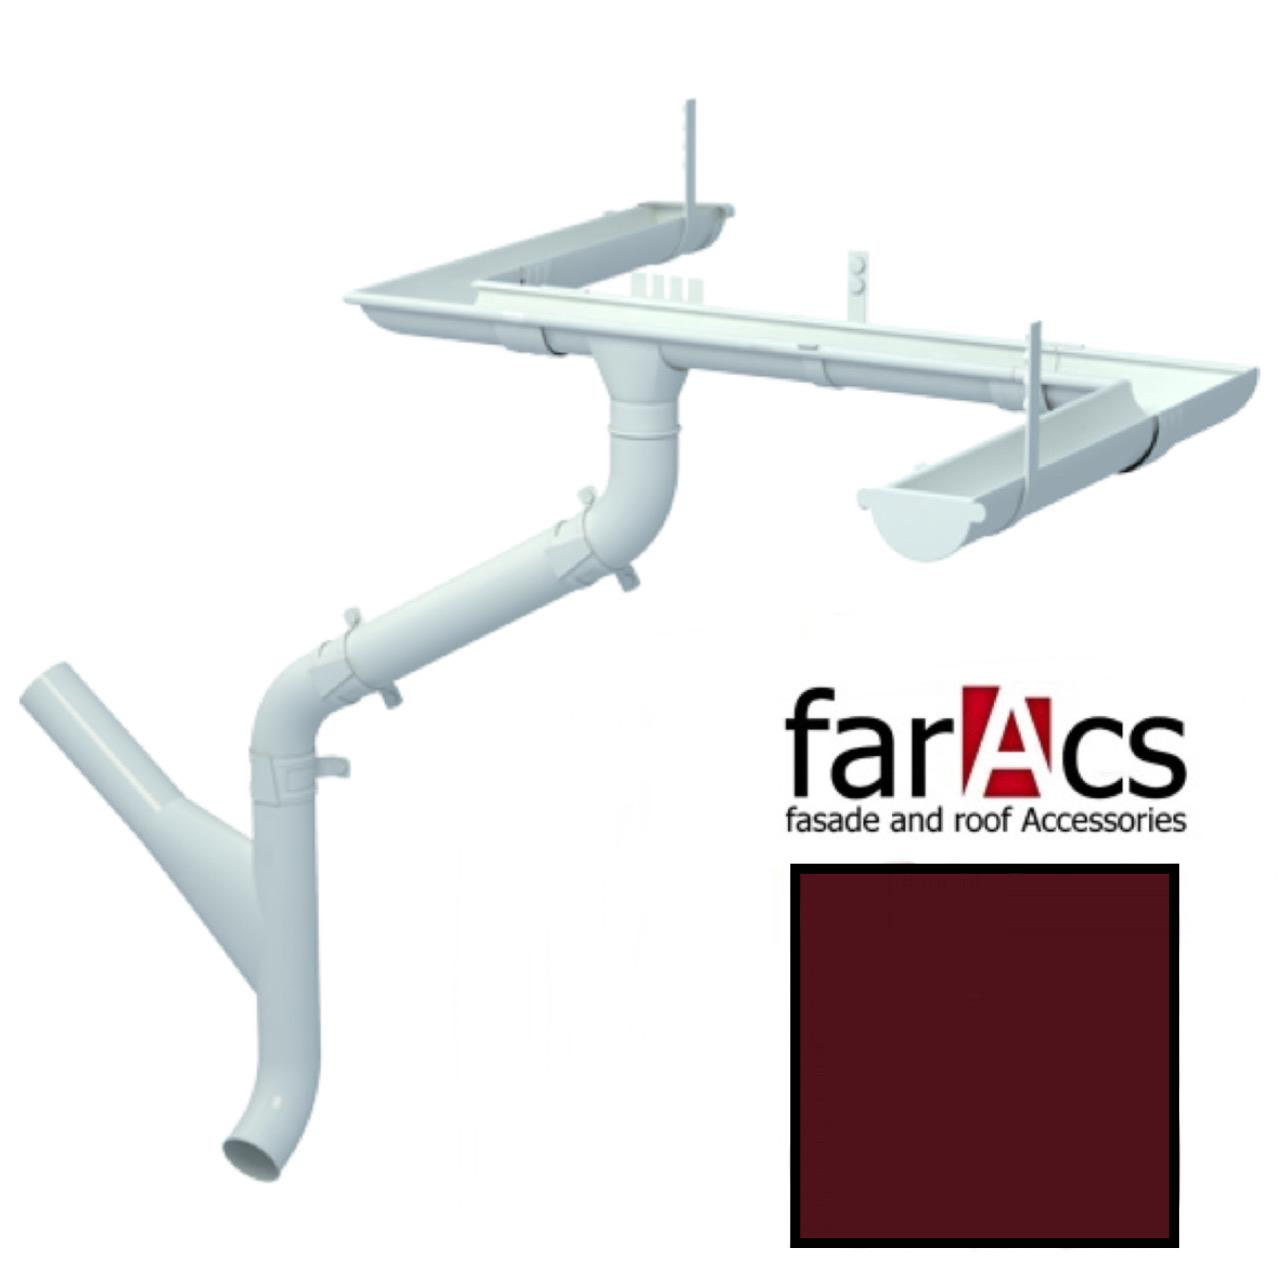 Металлический водосток Faracs 125/90 RAL 3005 (красное вино)